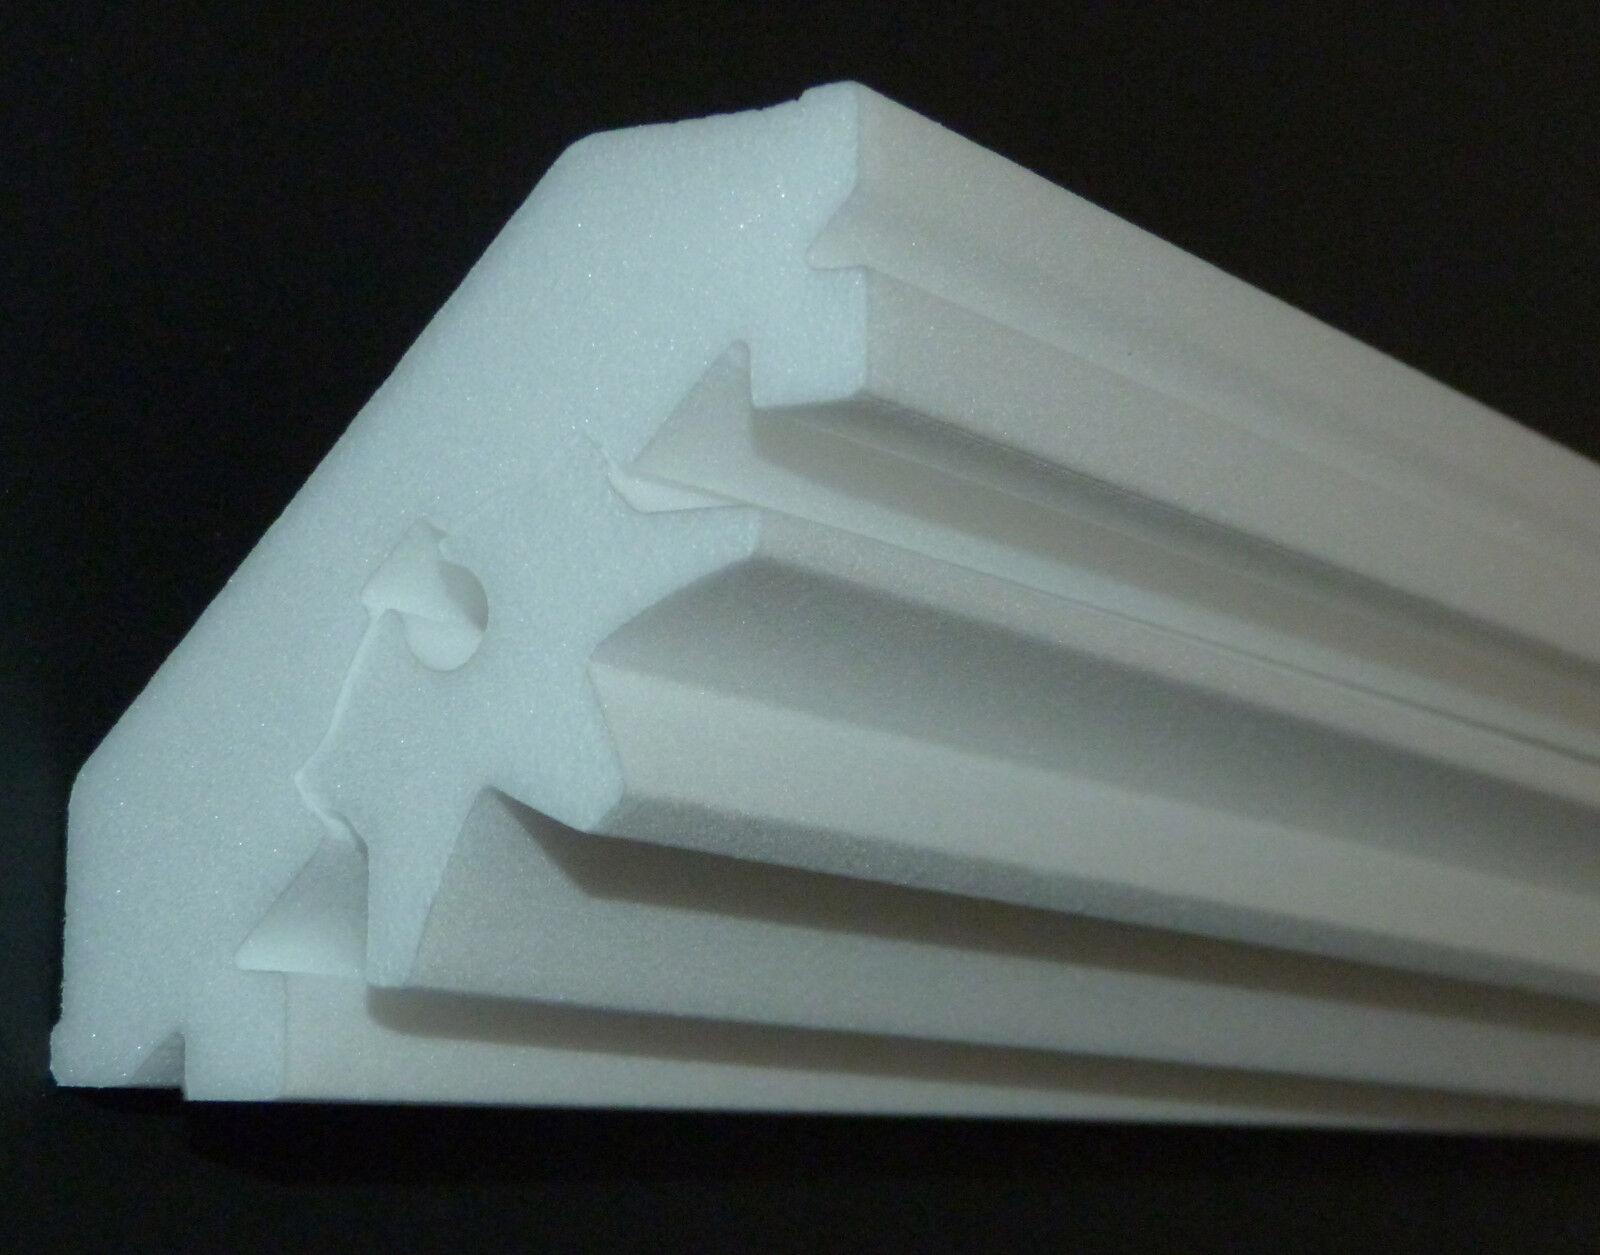 stuckleiste stuckprofil deckenprofil indirekte led beleuchtung 8 90 m henning eur 17 80. Black Bedroom Furniture Sets. Home Design Ideas